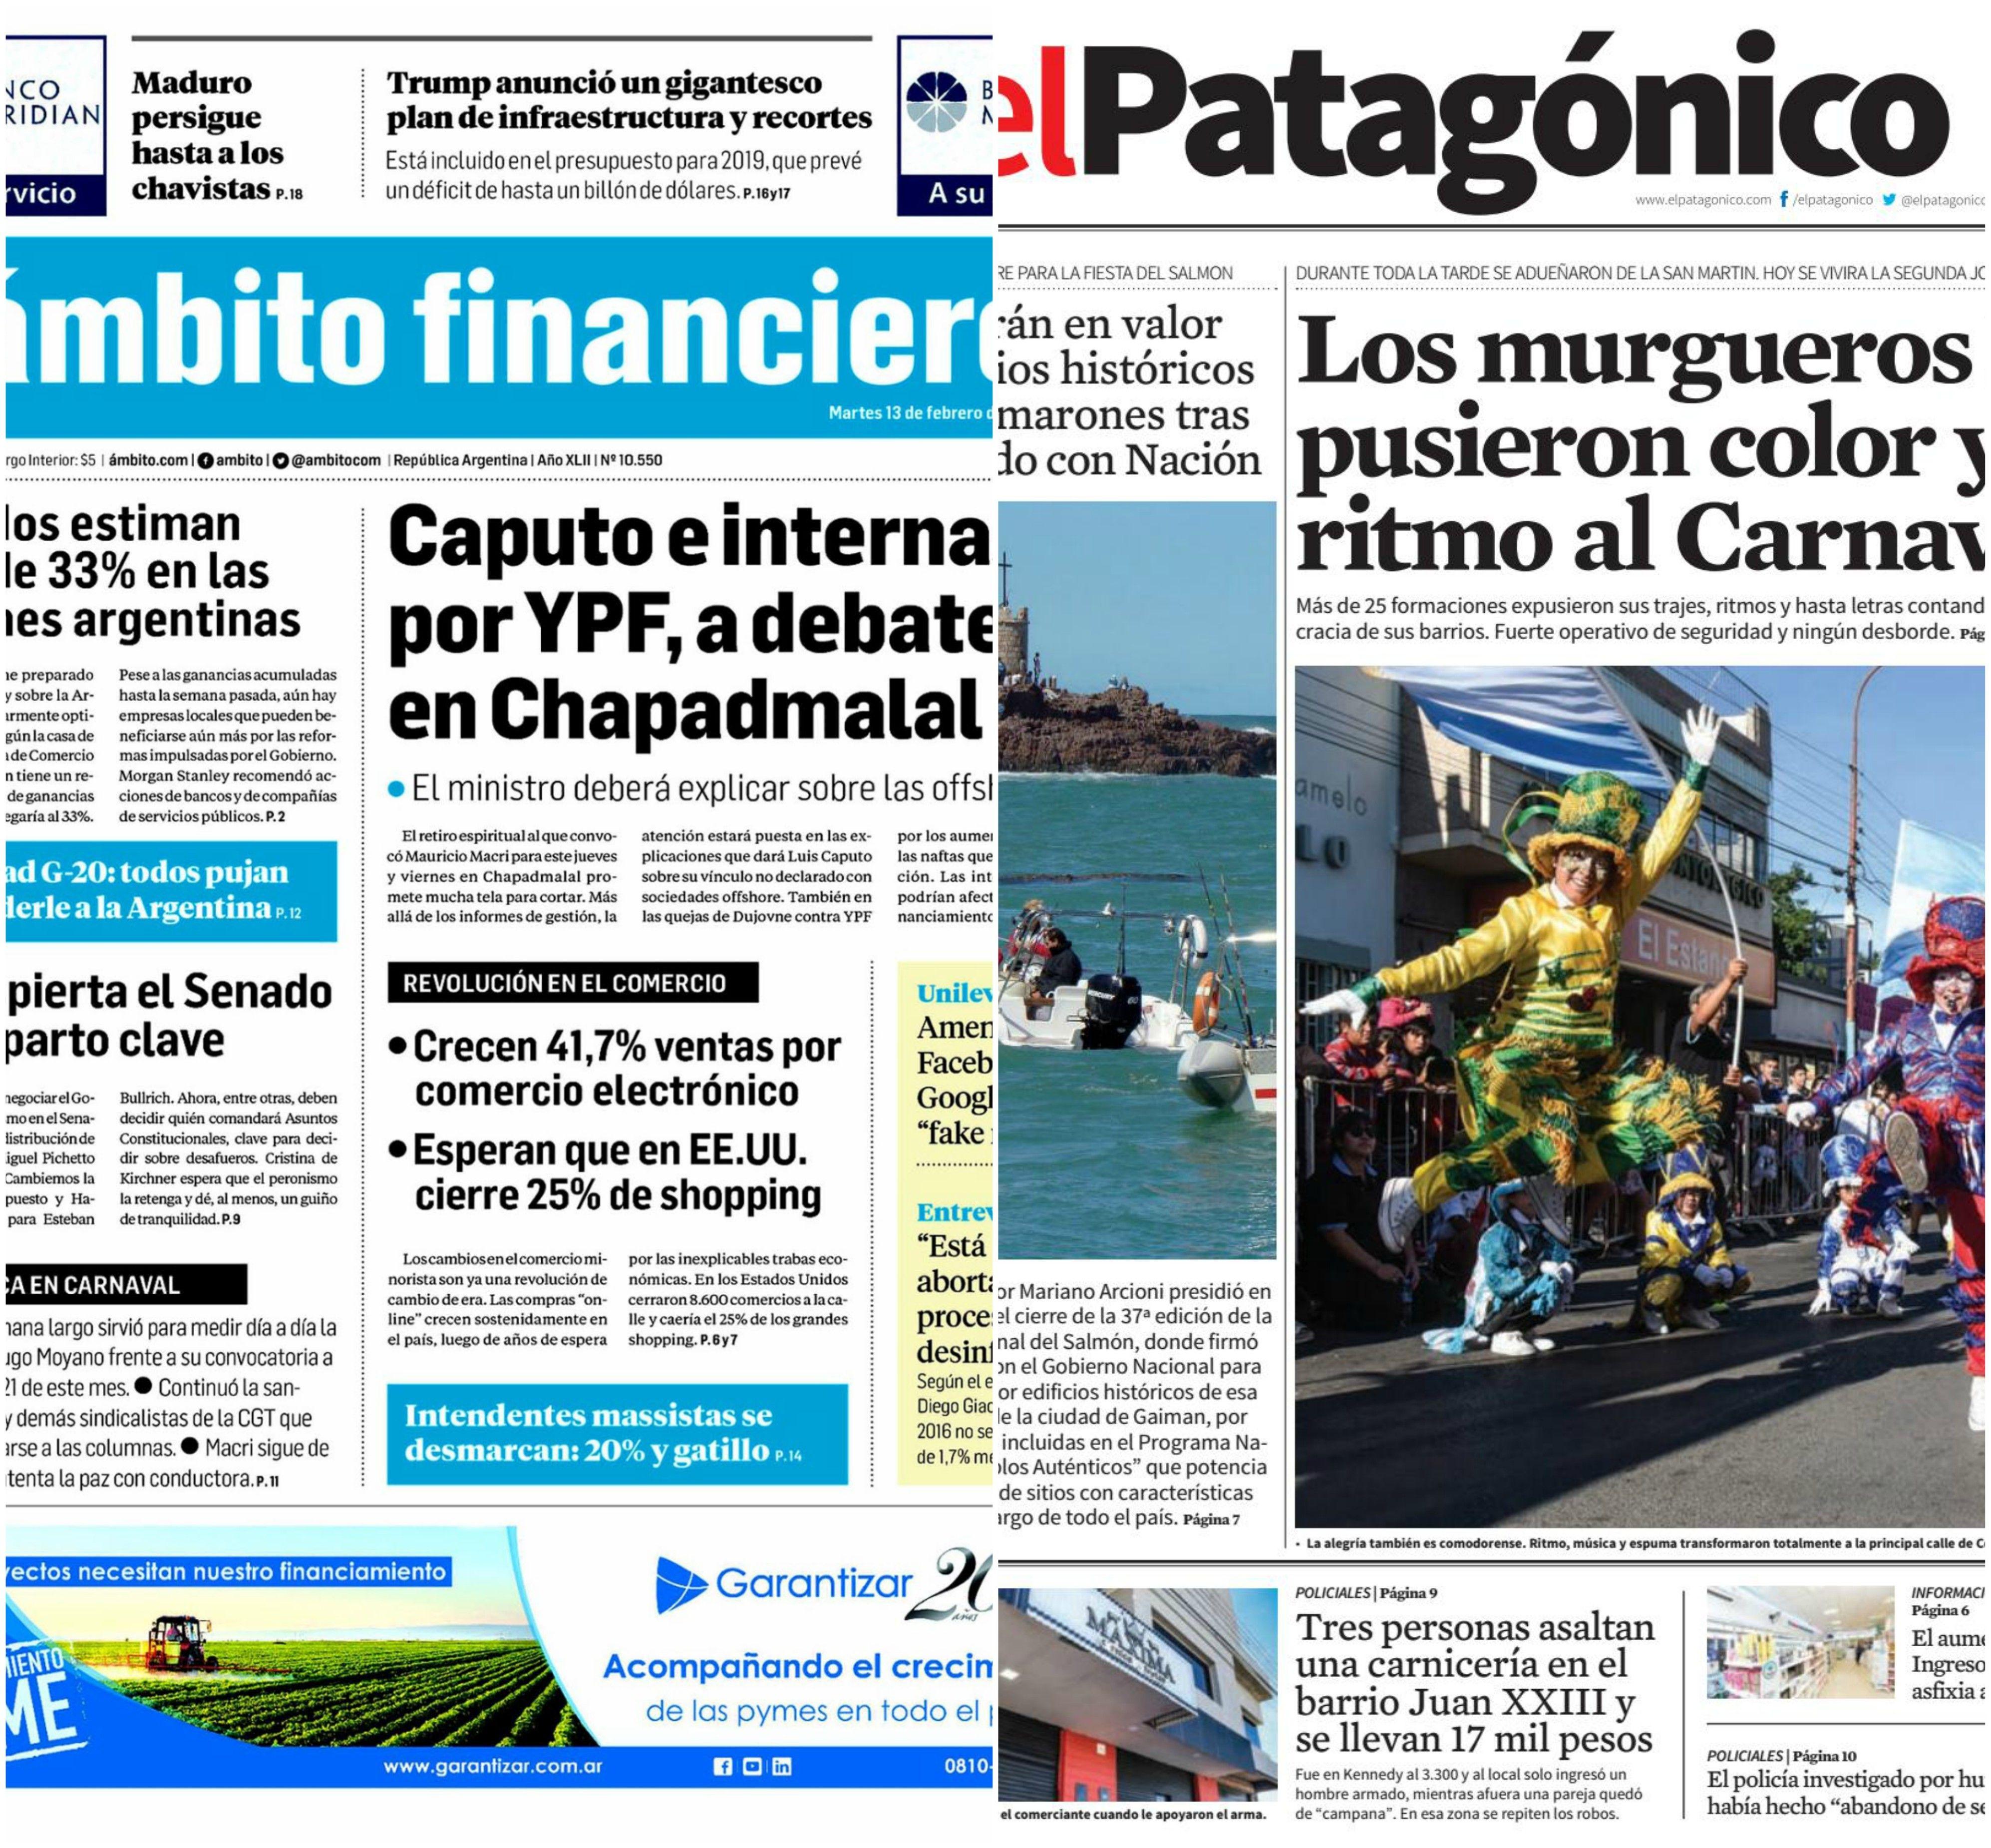 Tapas de diarios del martes 13 de febrero de 2018